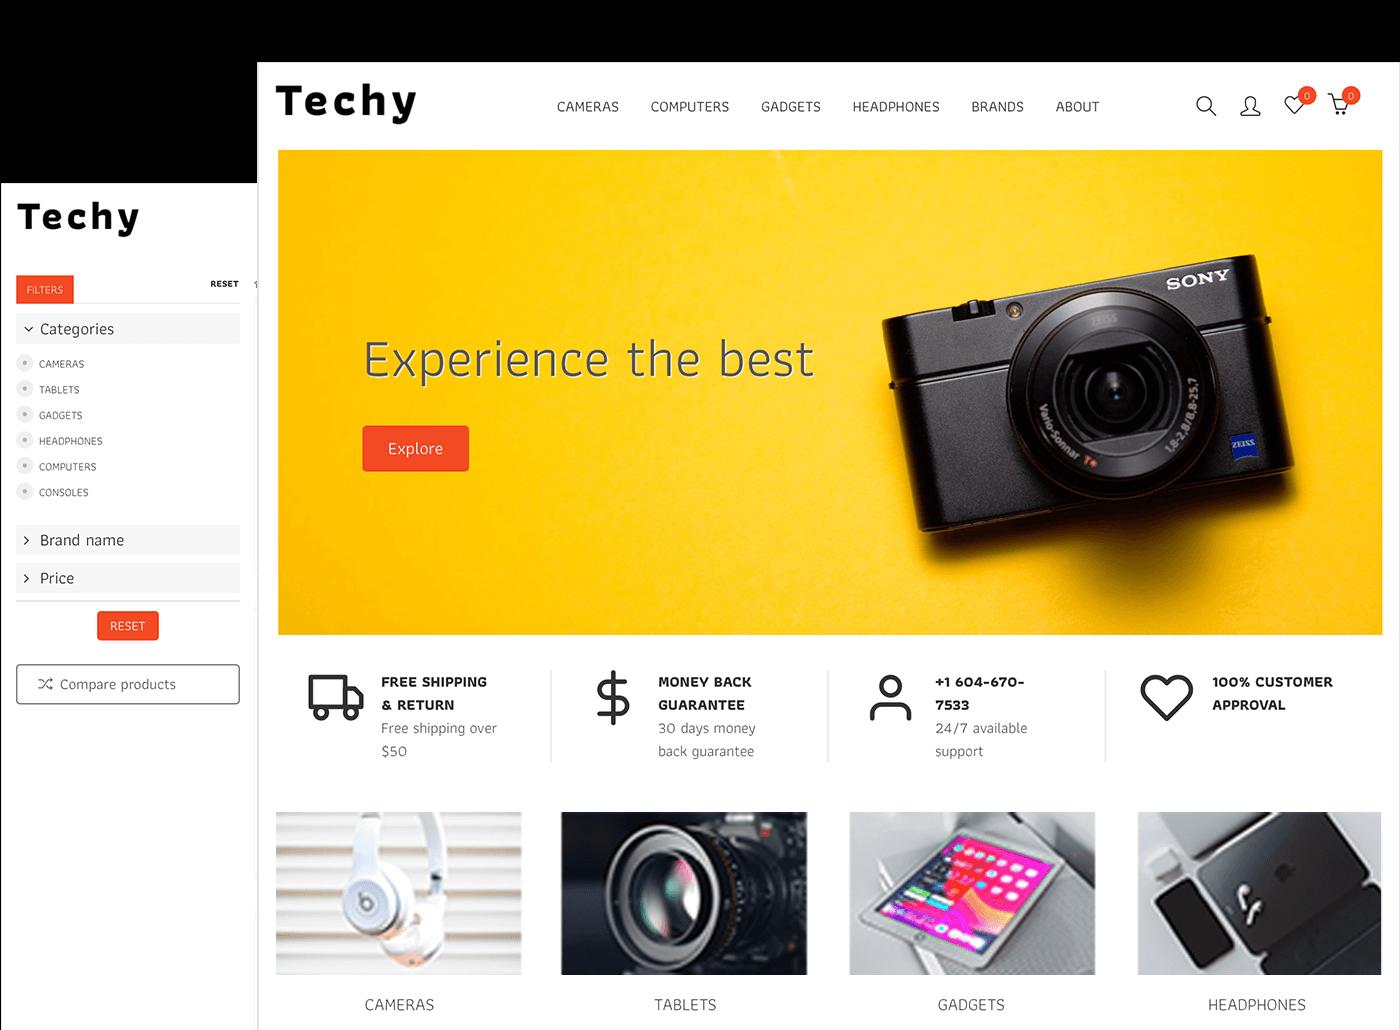 Techy